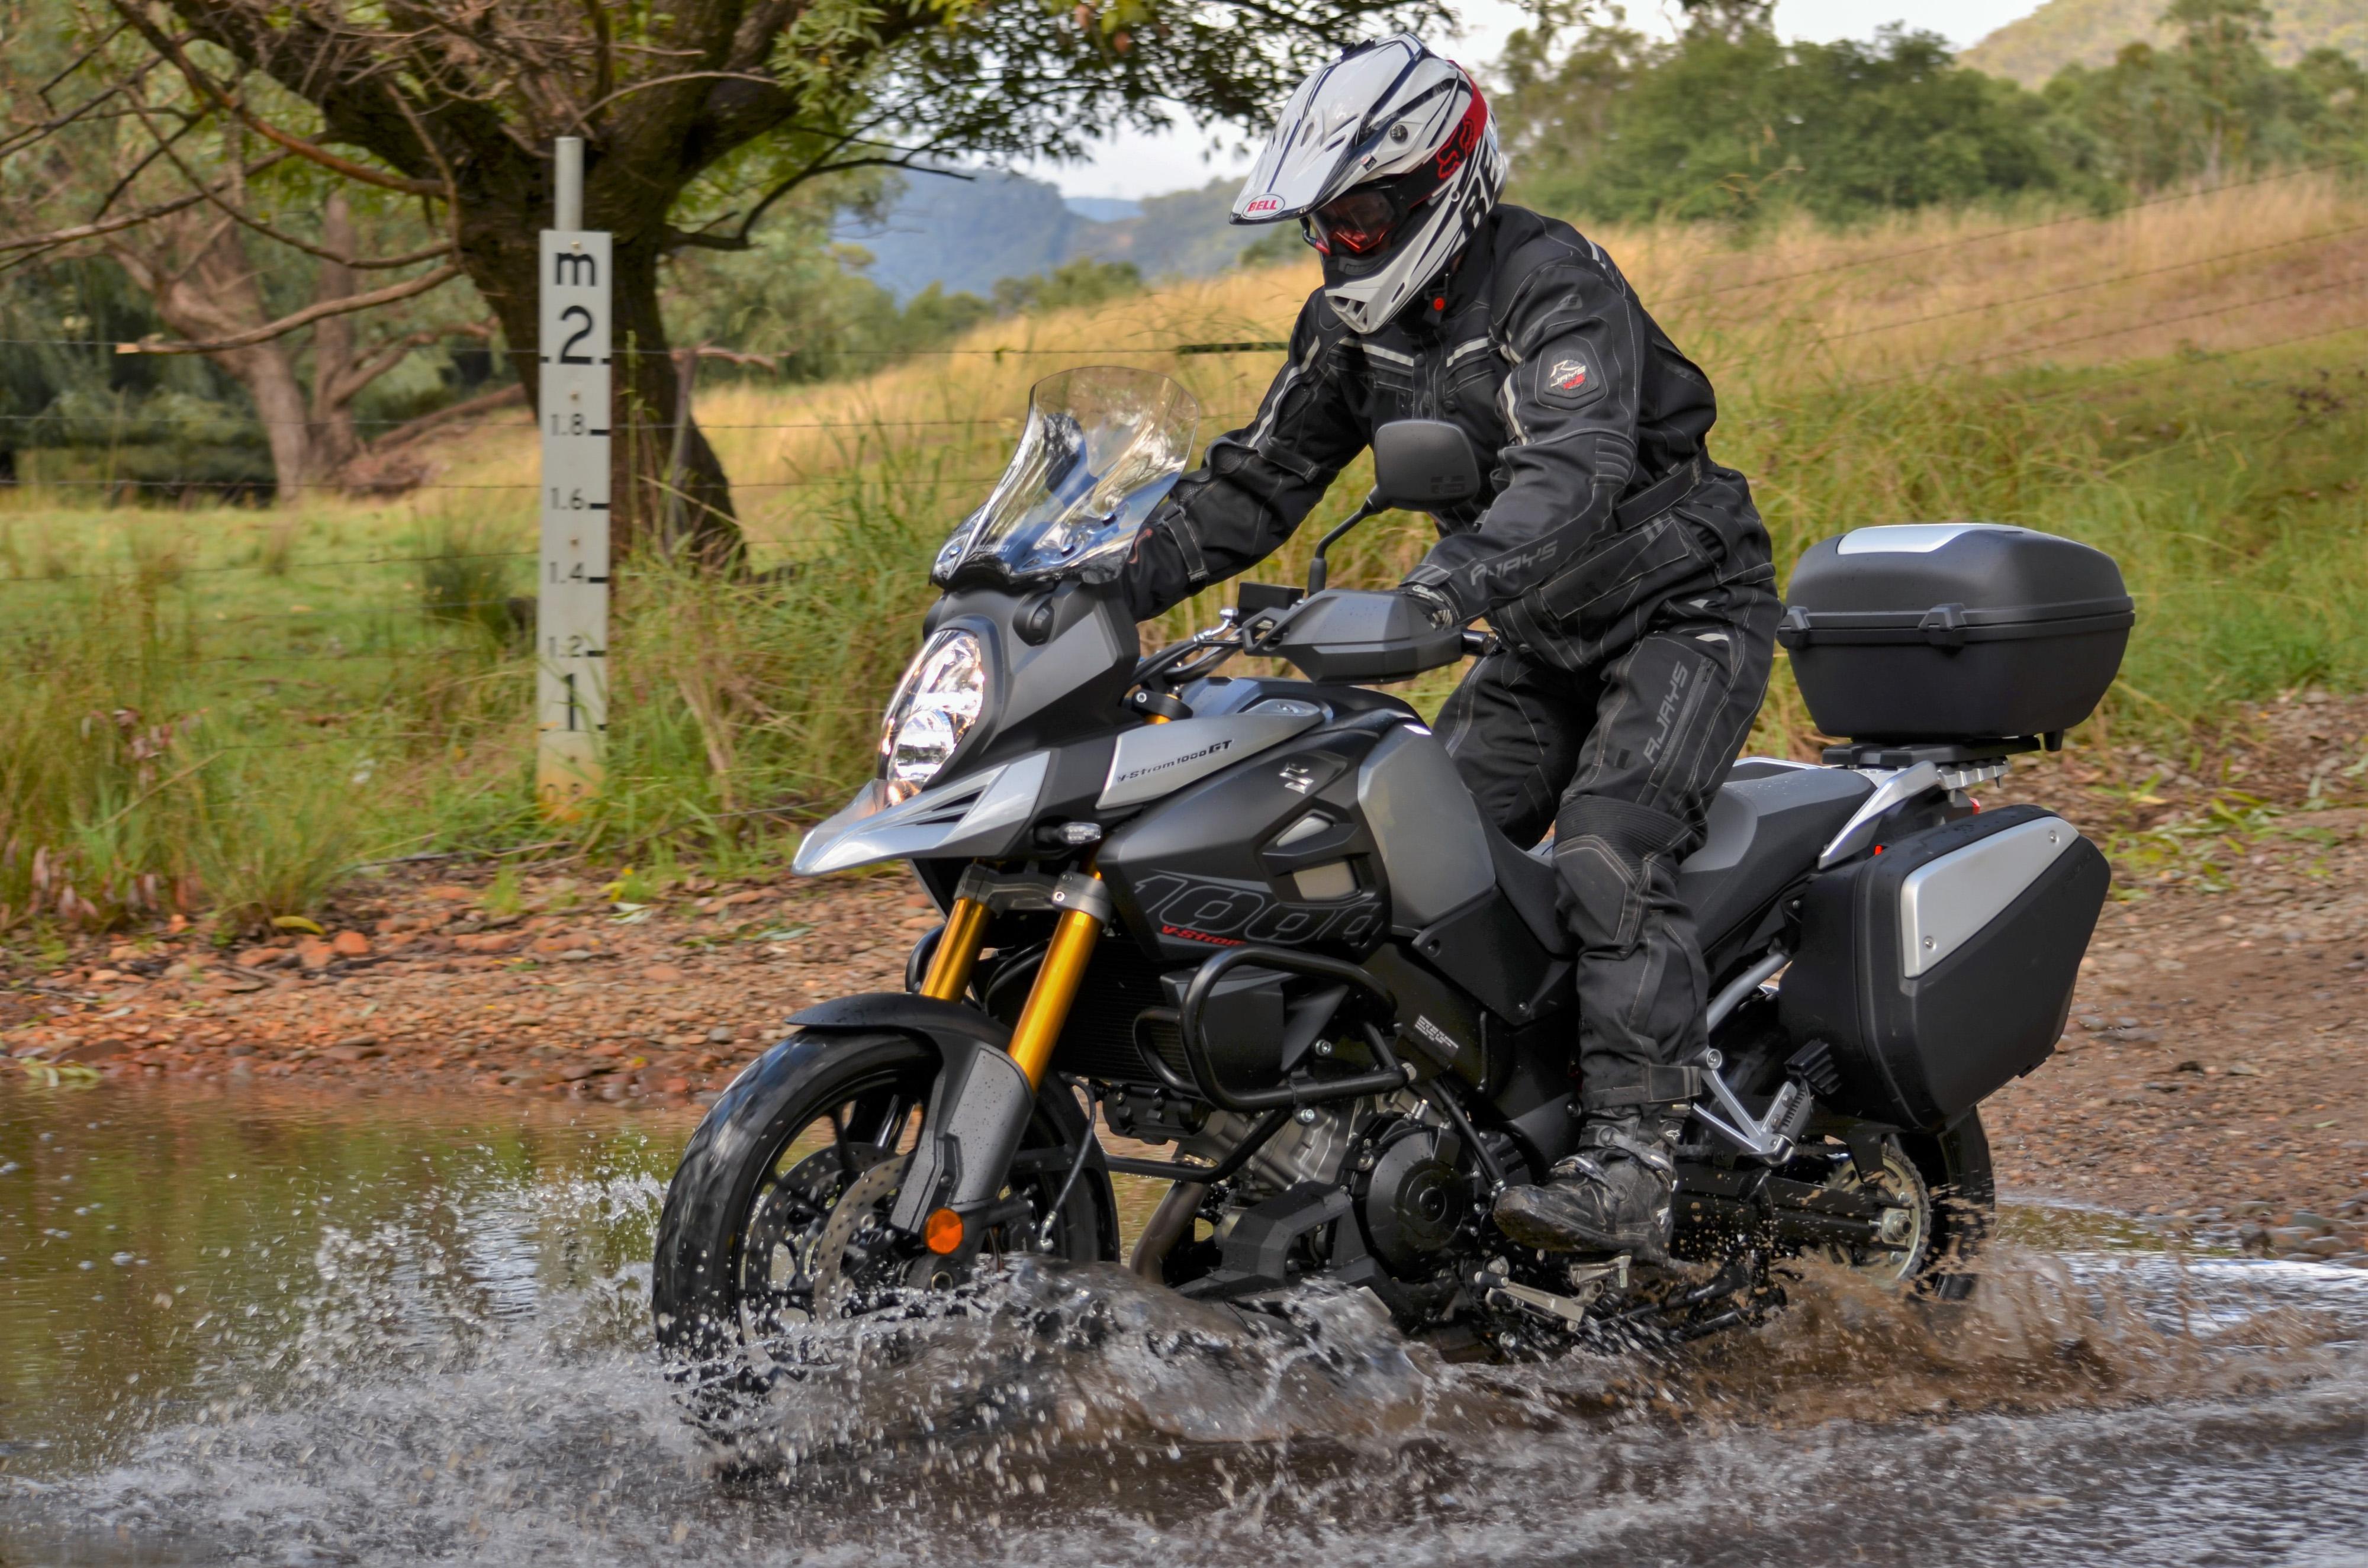 Honda Riding Gear >> The Ultimate Grand Tourer - V-Strom 1000GT - Bike Review